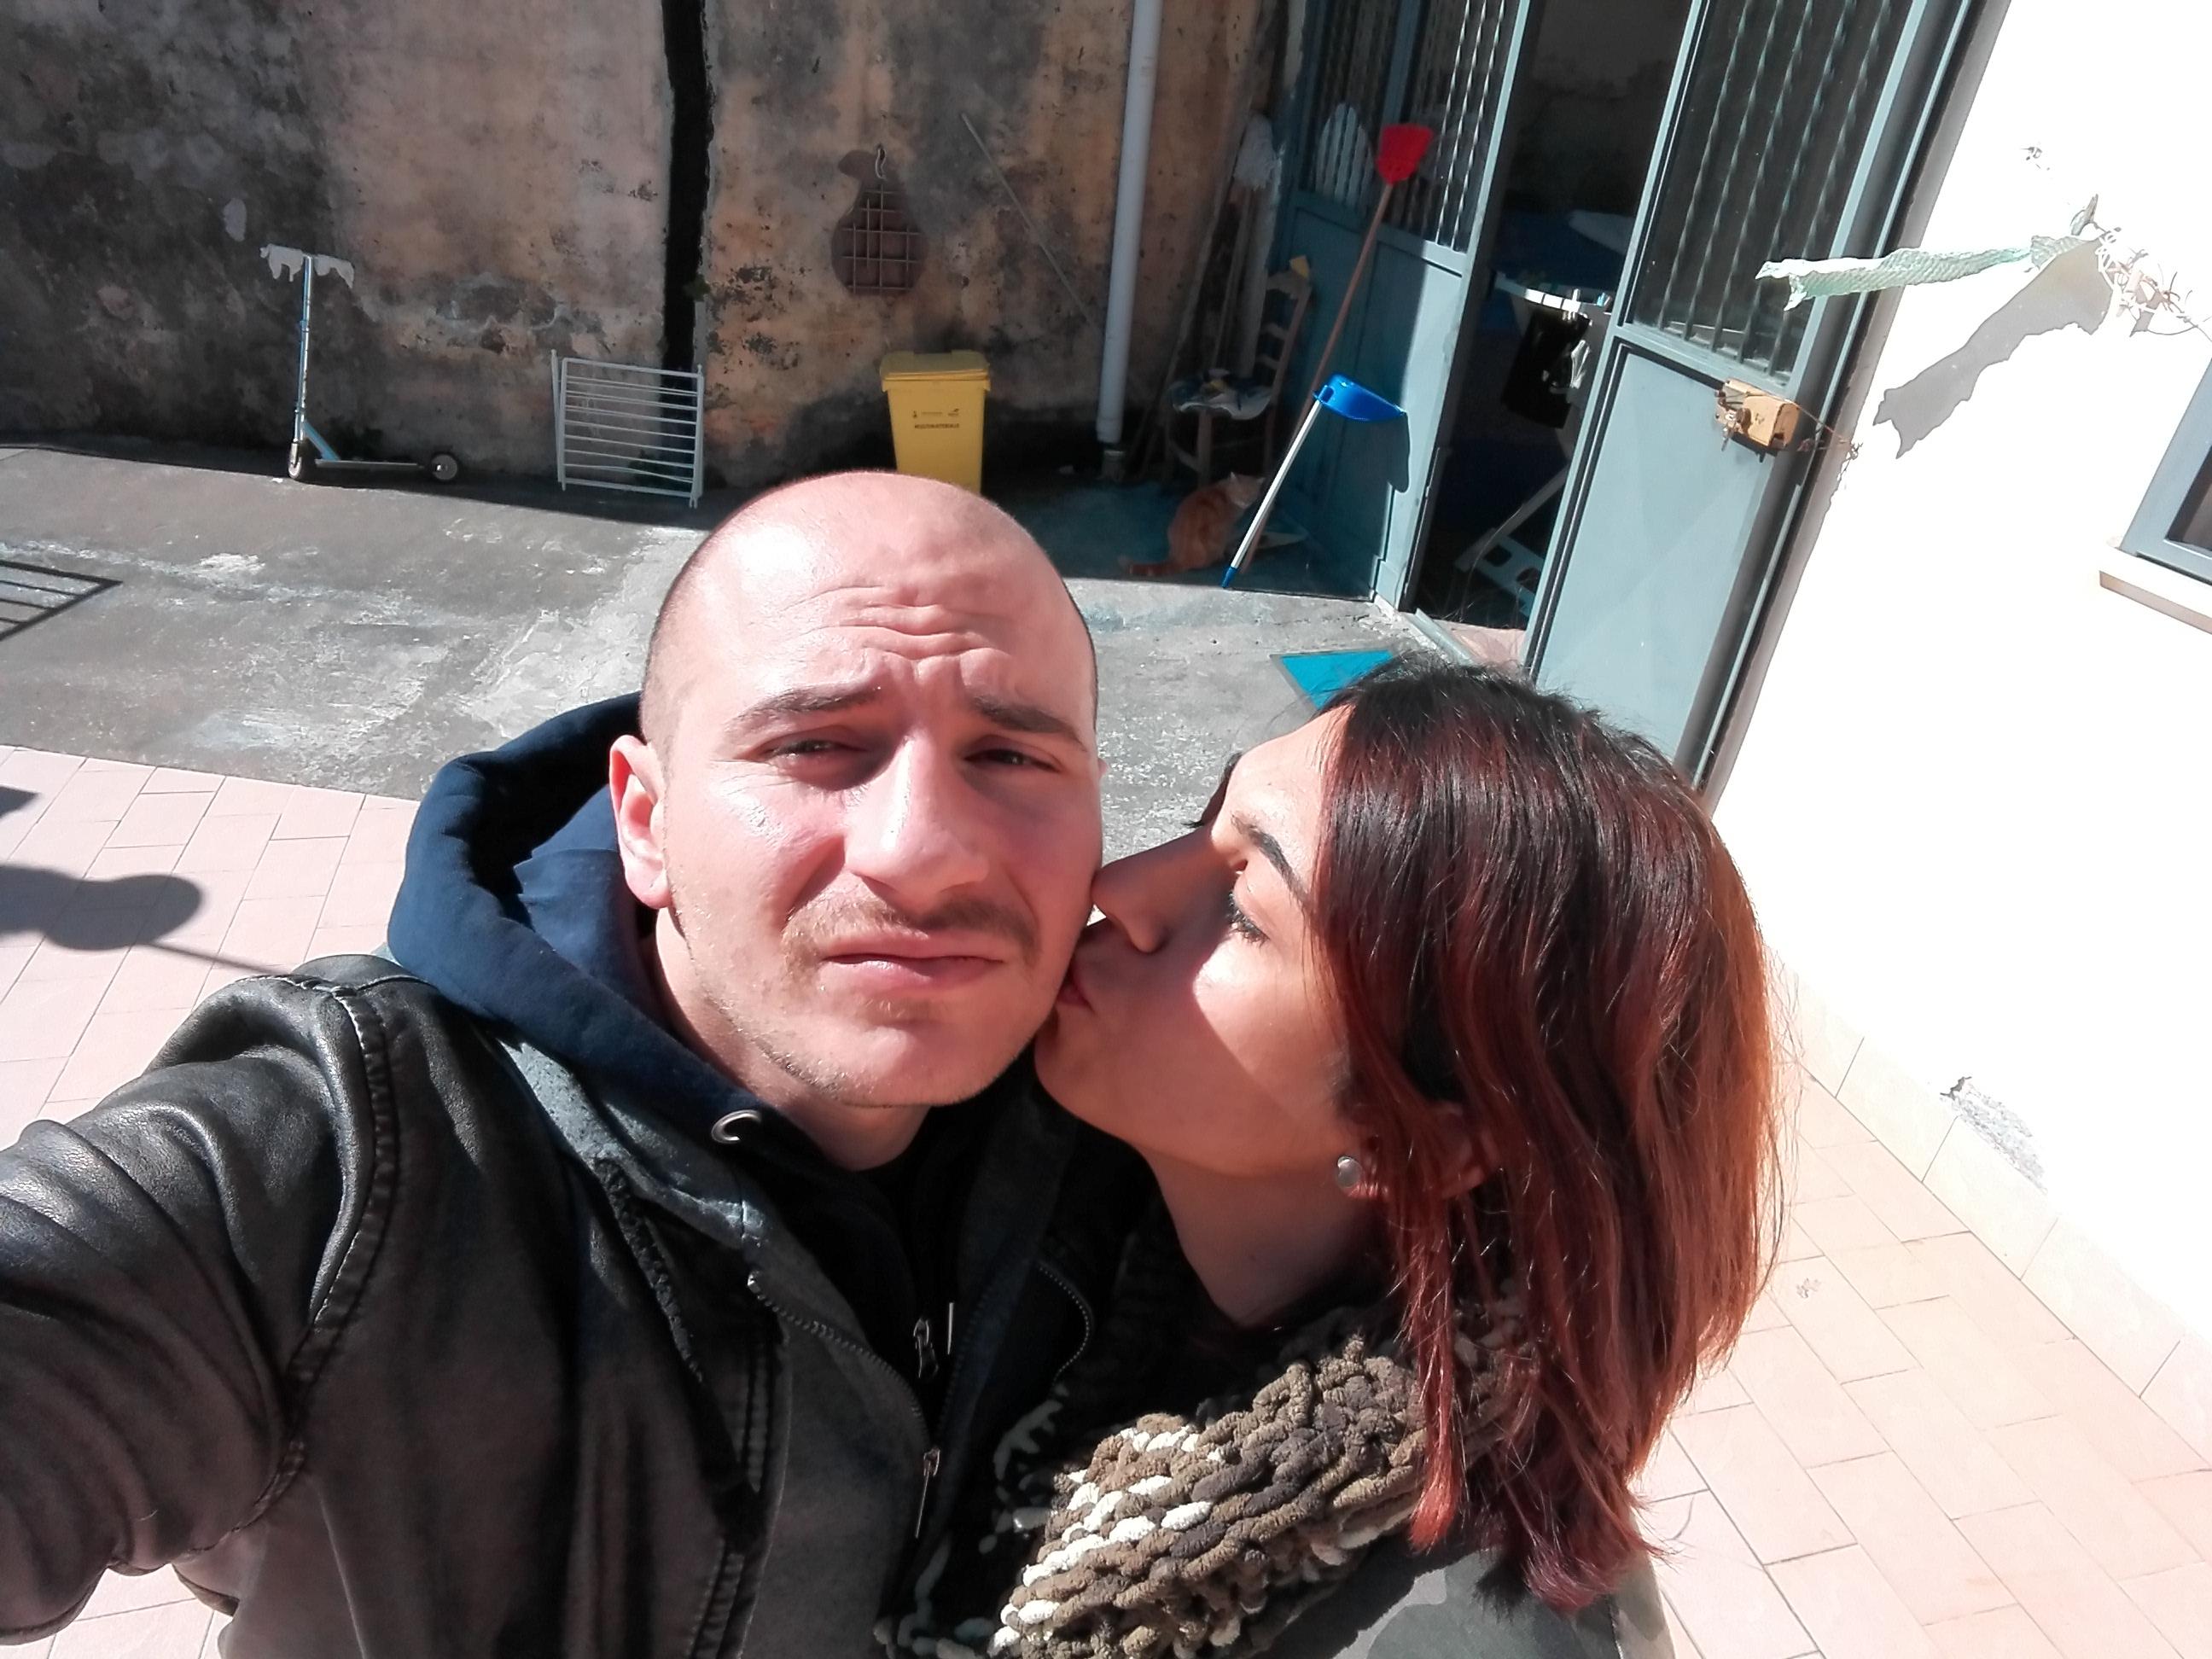 Sicilia dating